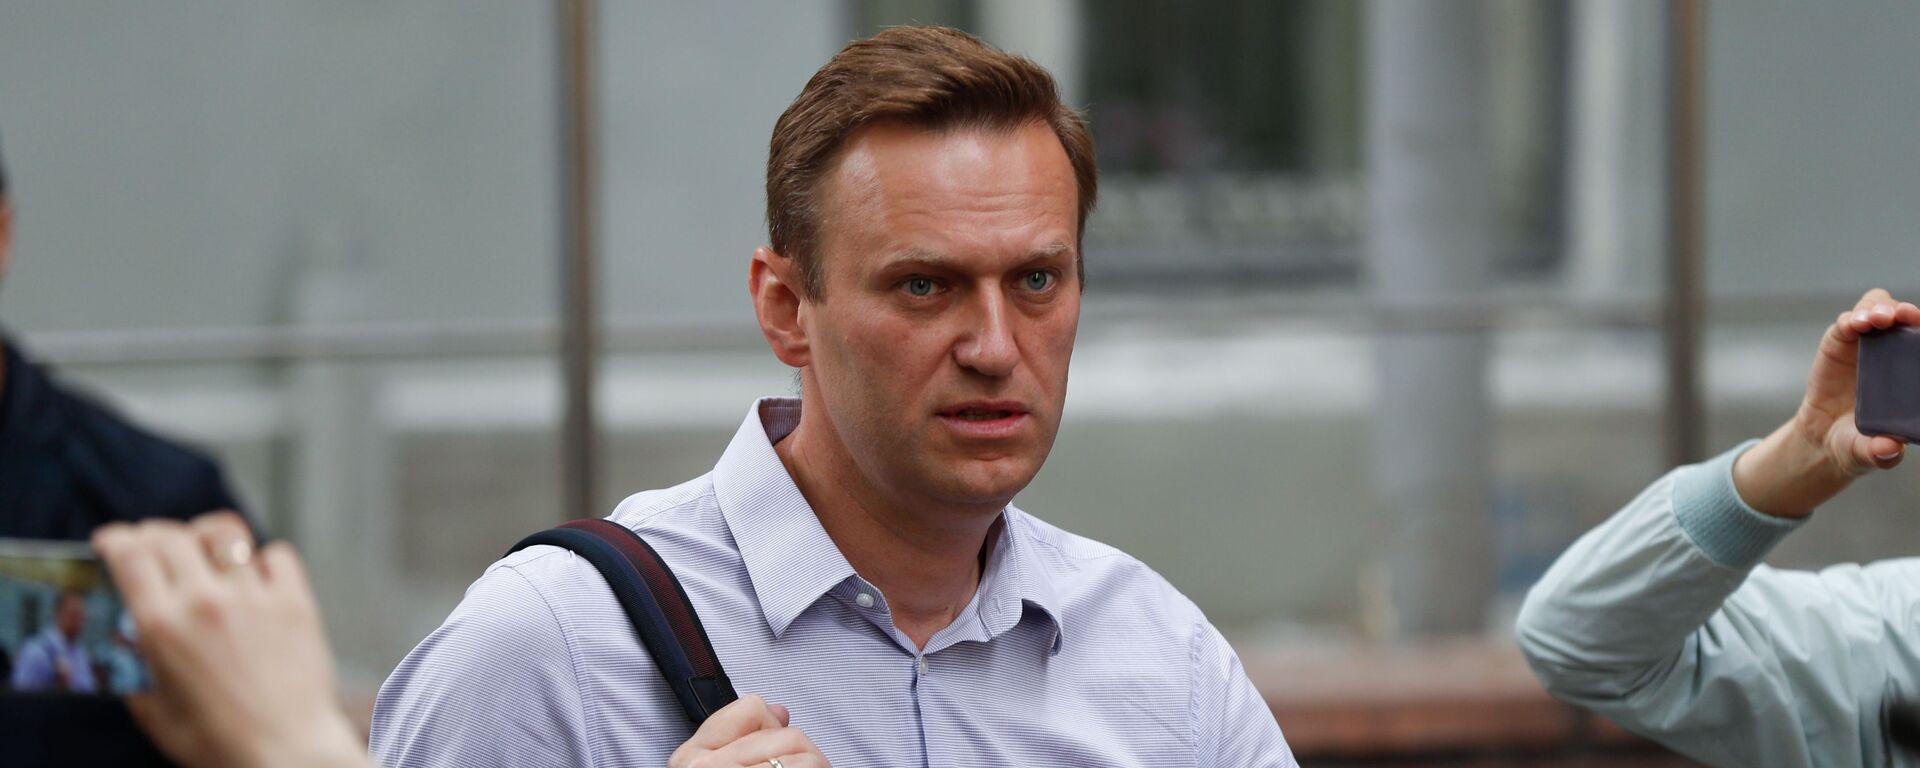 Bloger Alexej Navalnyj v Moskvě - Sputnik Česká republika, 1920, 01.02.2021